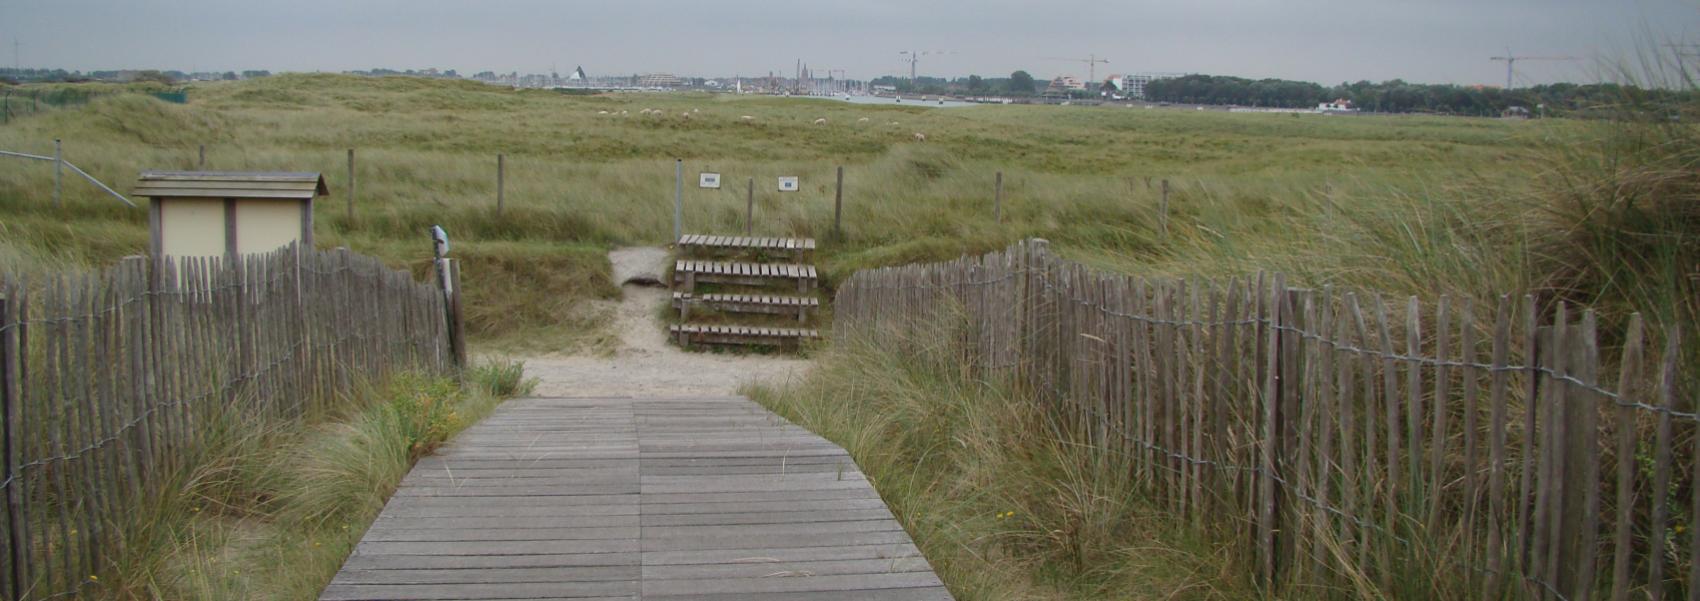 houten wandelpad in het landschap